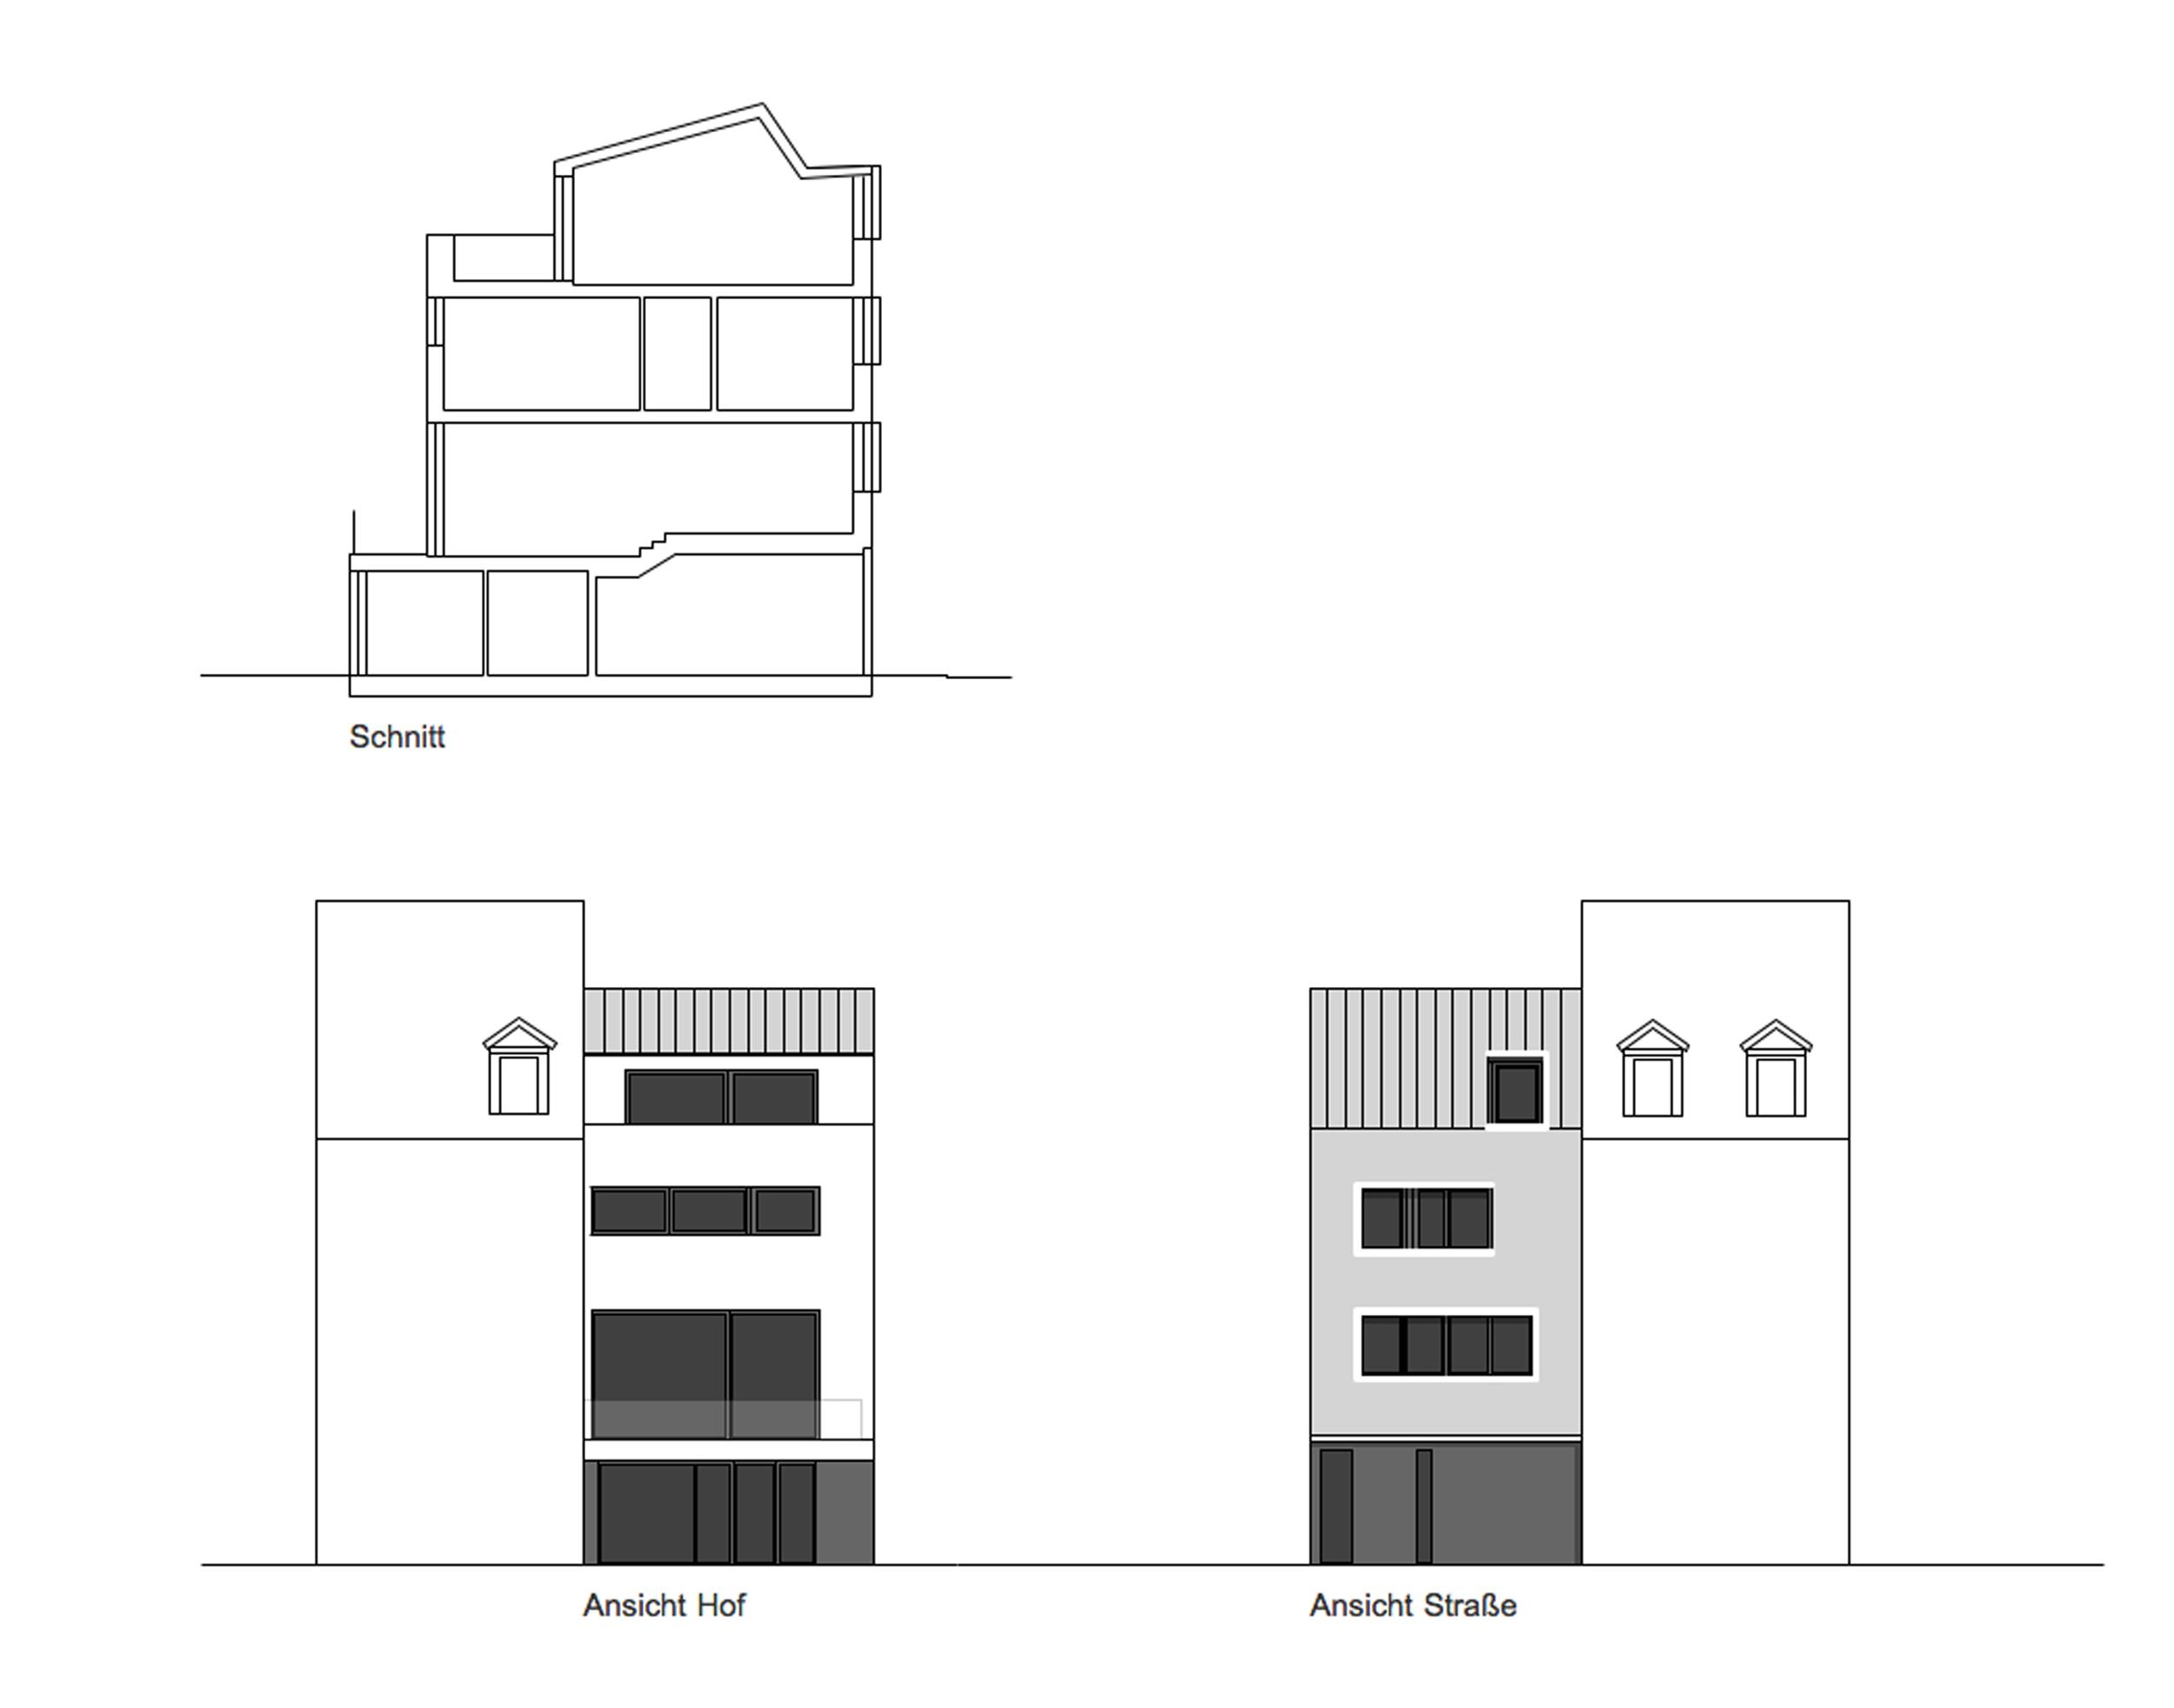 haus zum eichhorn erfurt architekturf hrer th ringen. Black Bedroom Furniture Sets. Home Design Ideas